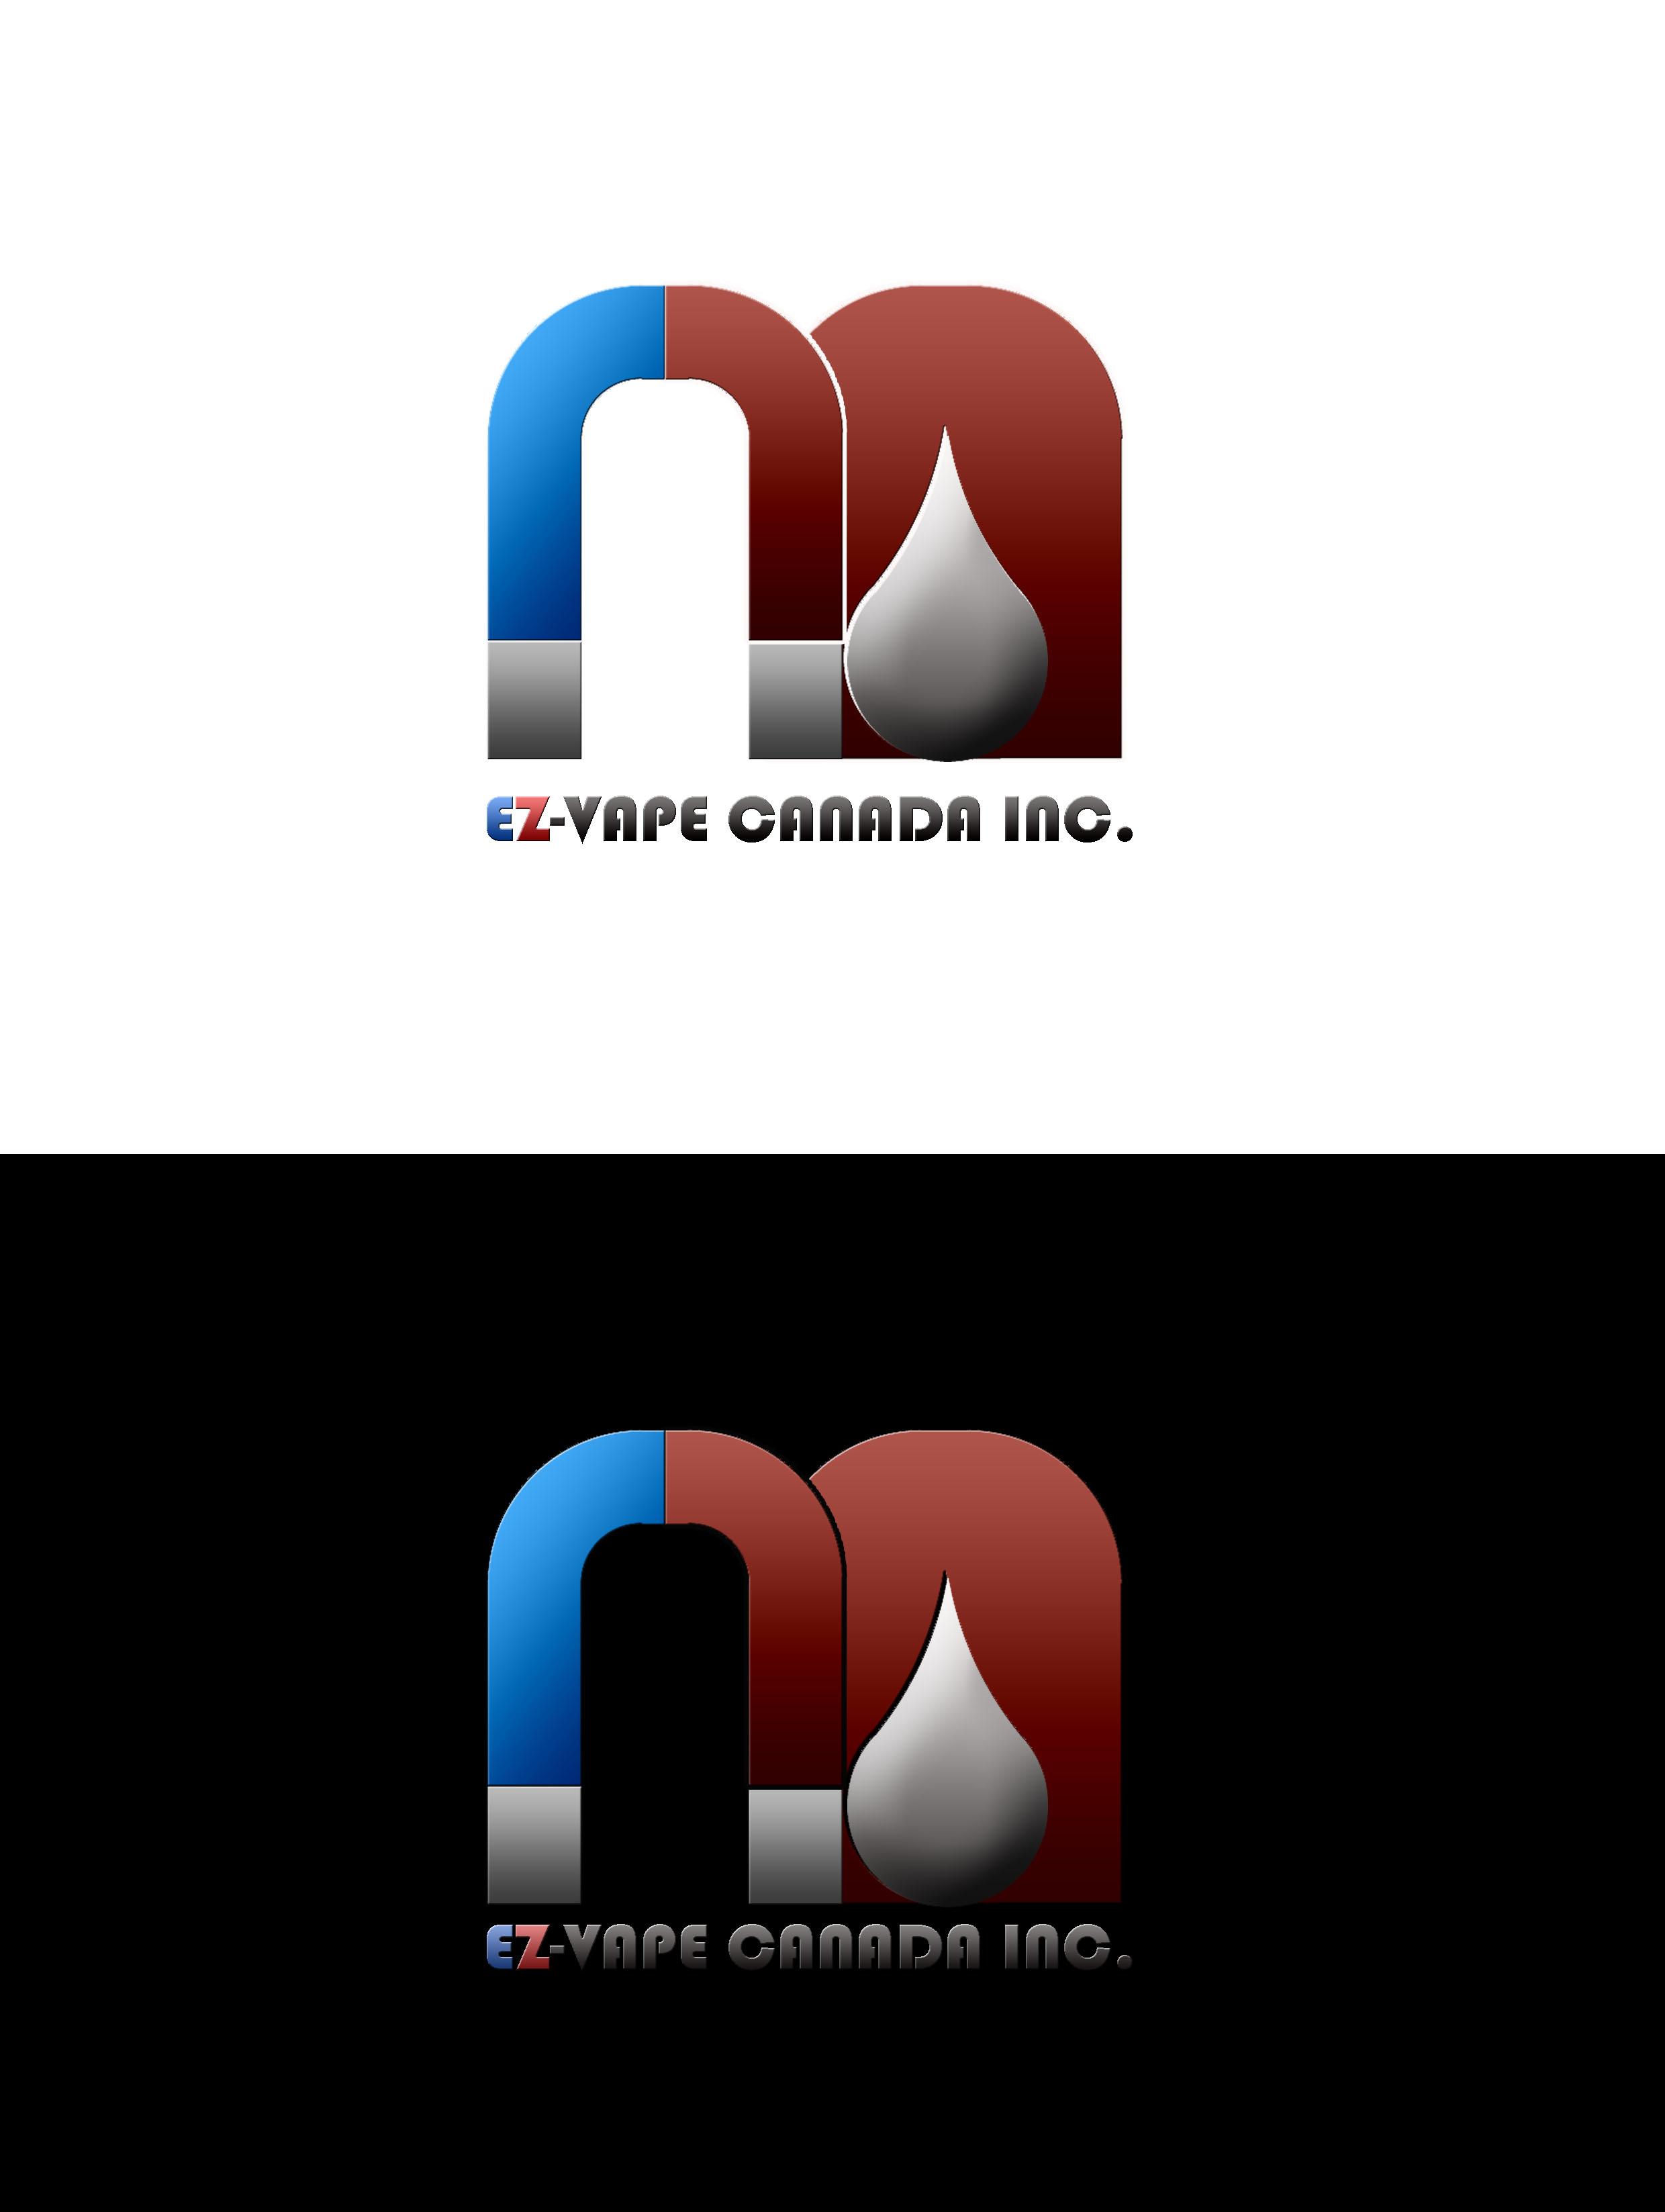 Logo Design by JSDESIGNGROUP - Entry No. 6 in the Logo Design Contest Inspiring Logo Design for EZ-Vape Canada Inc.